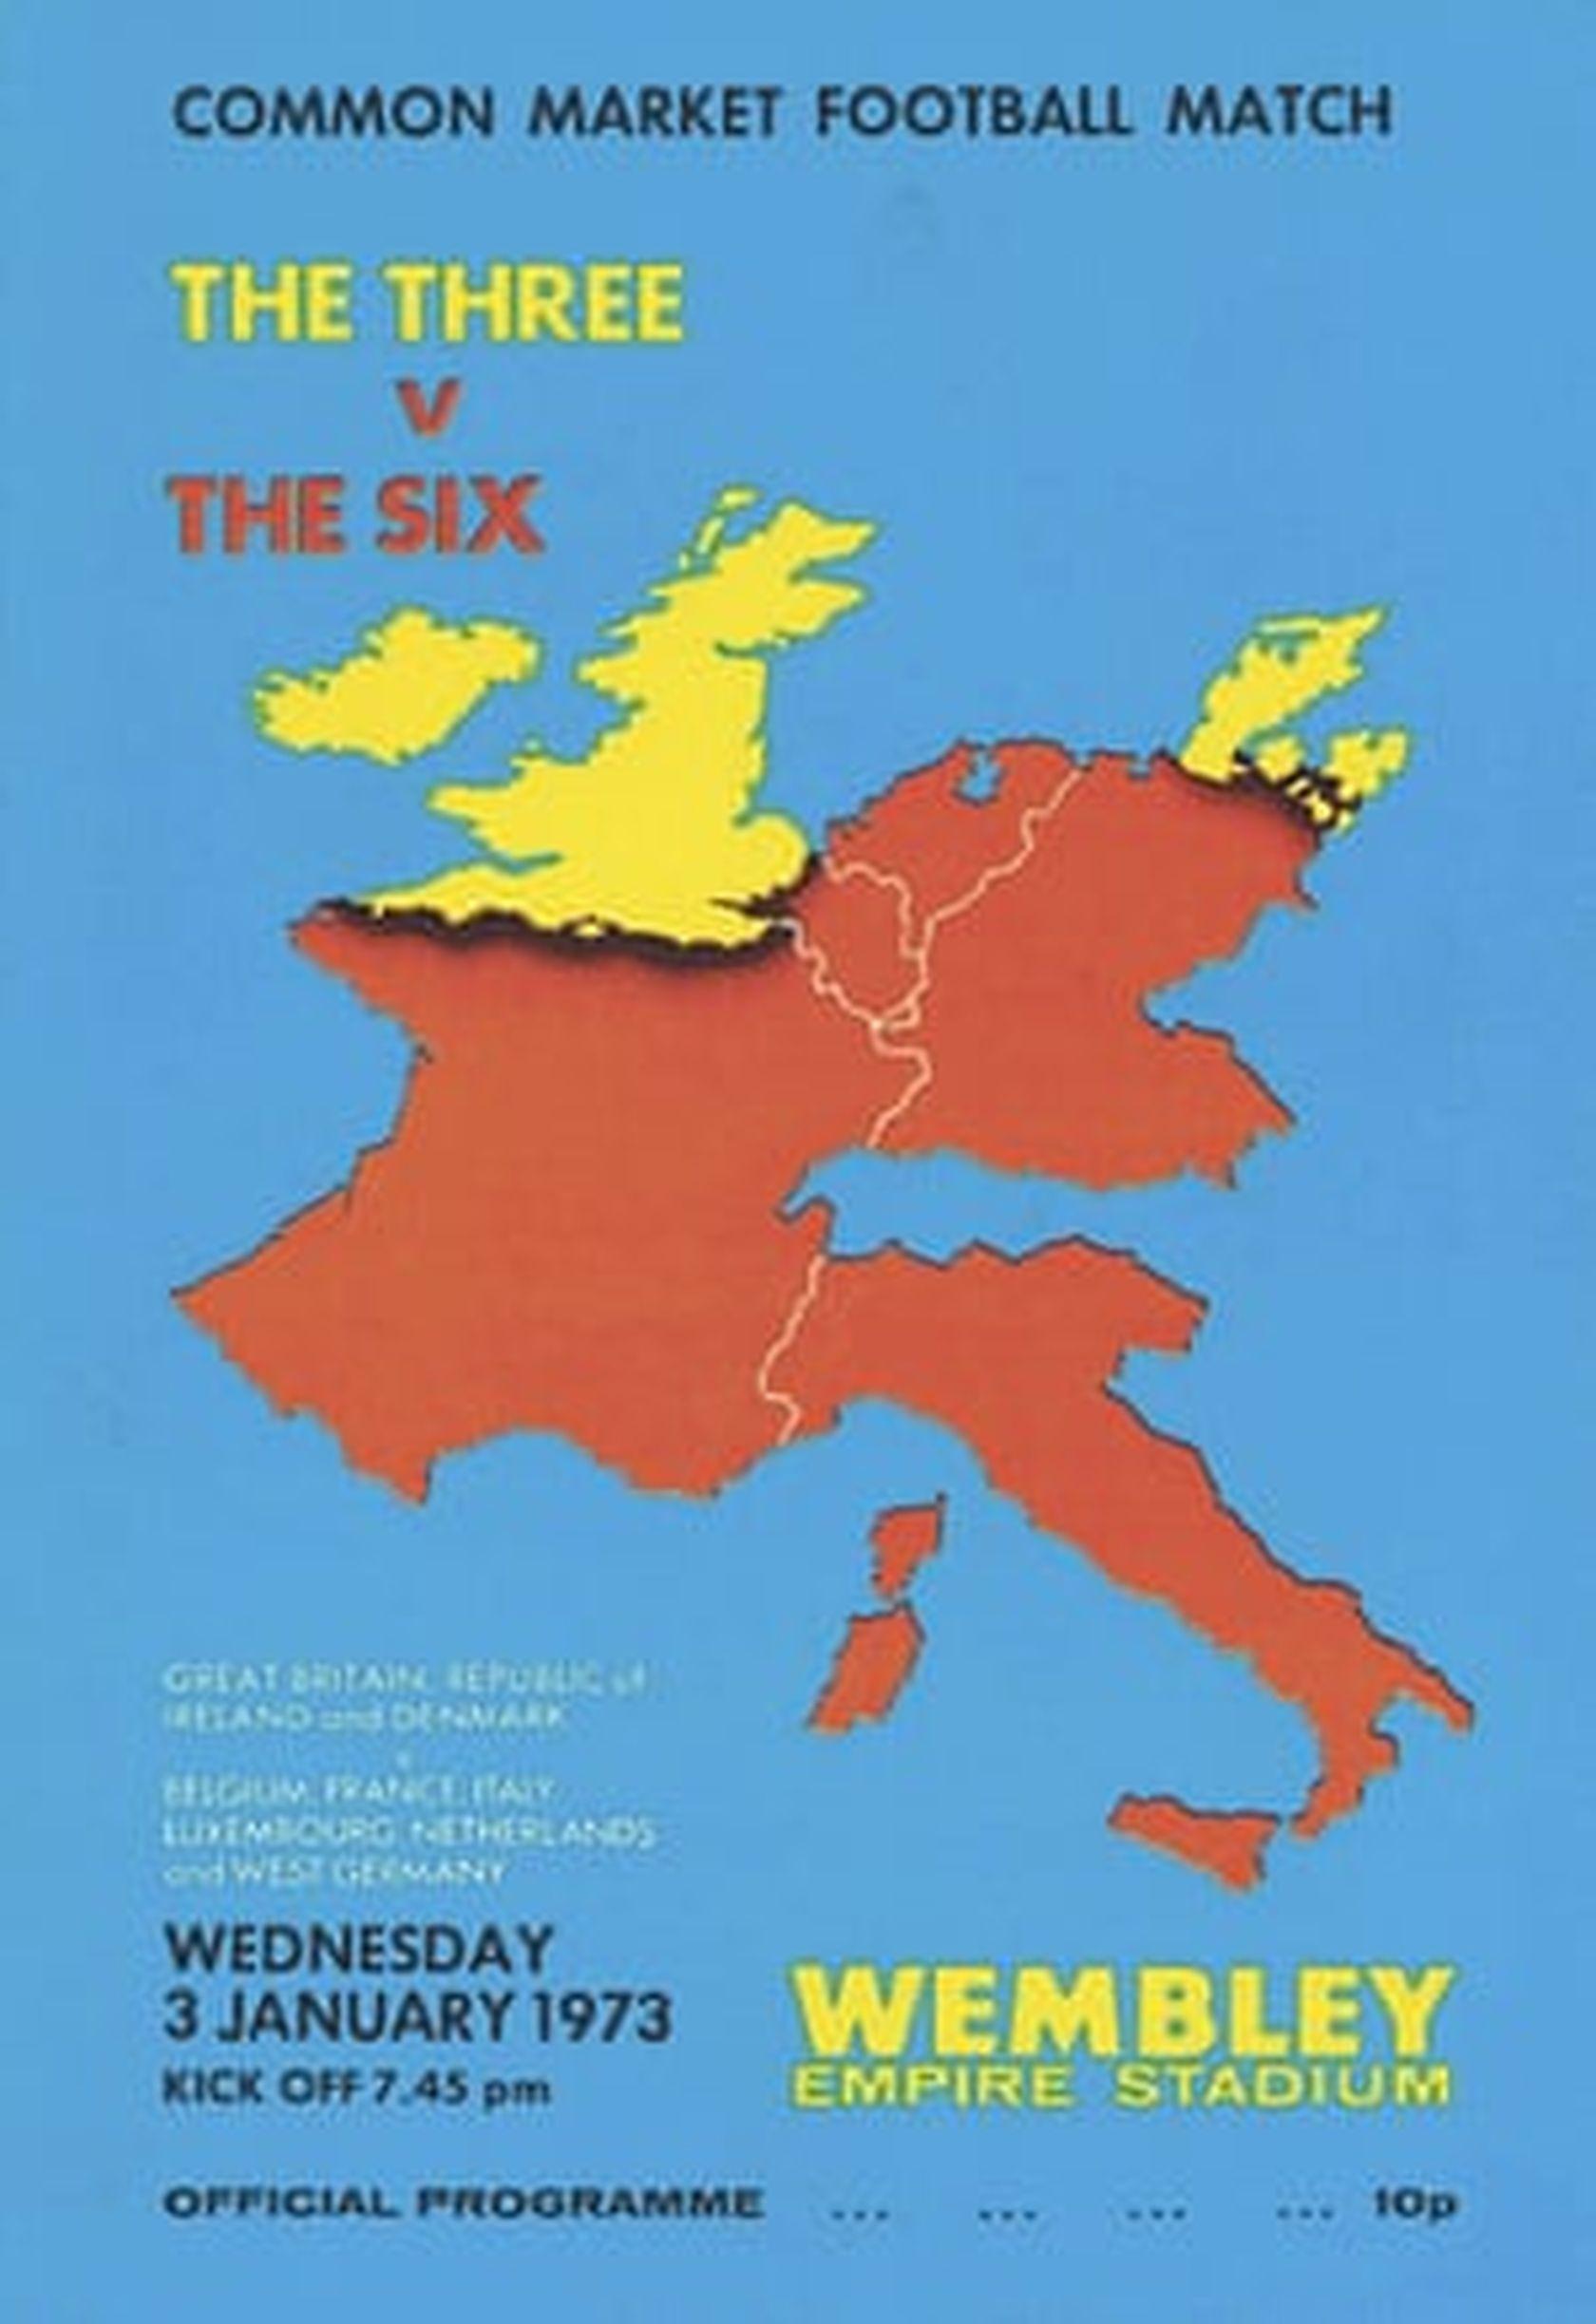 Програмата на мача за обединена Европа на 3 януари 1973 г.